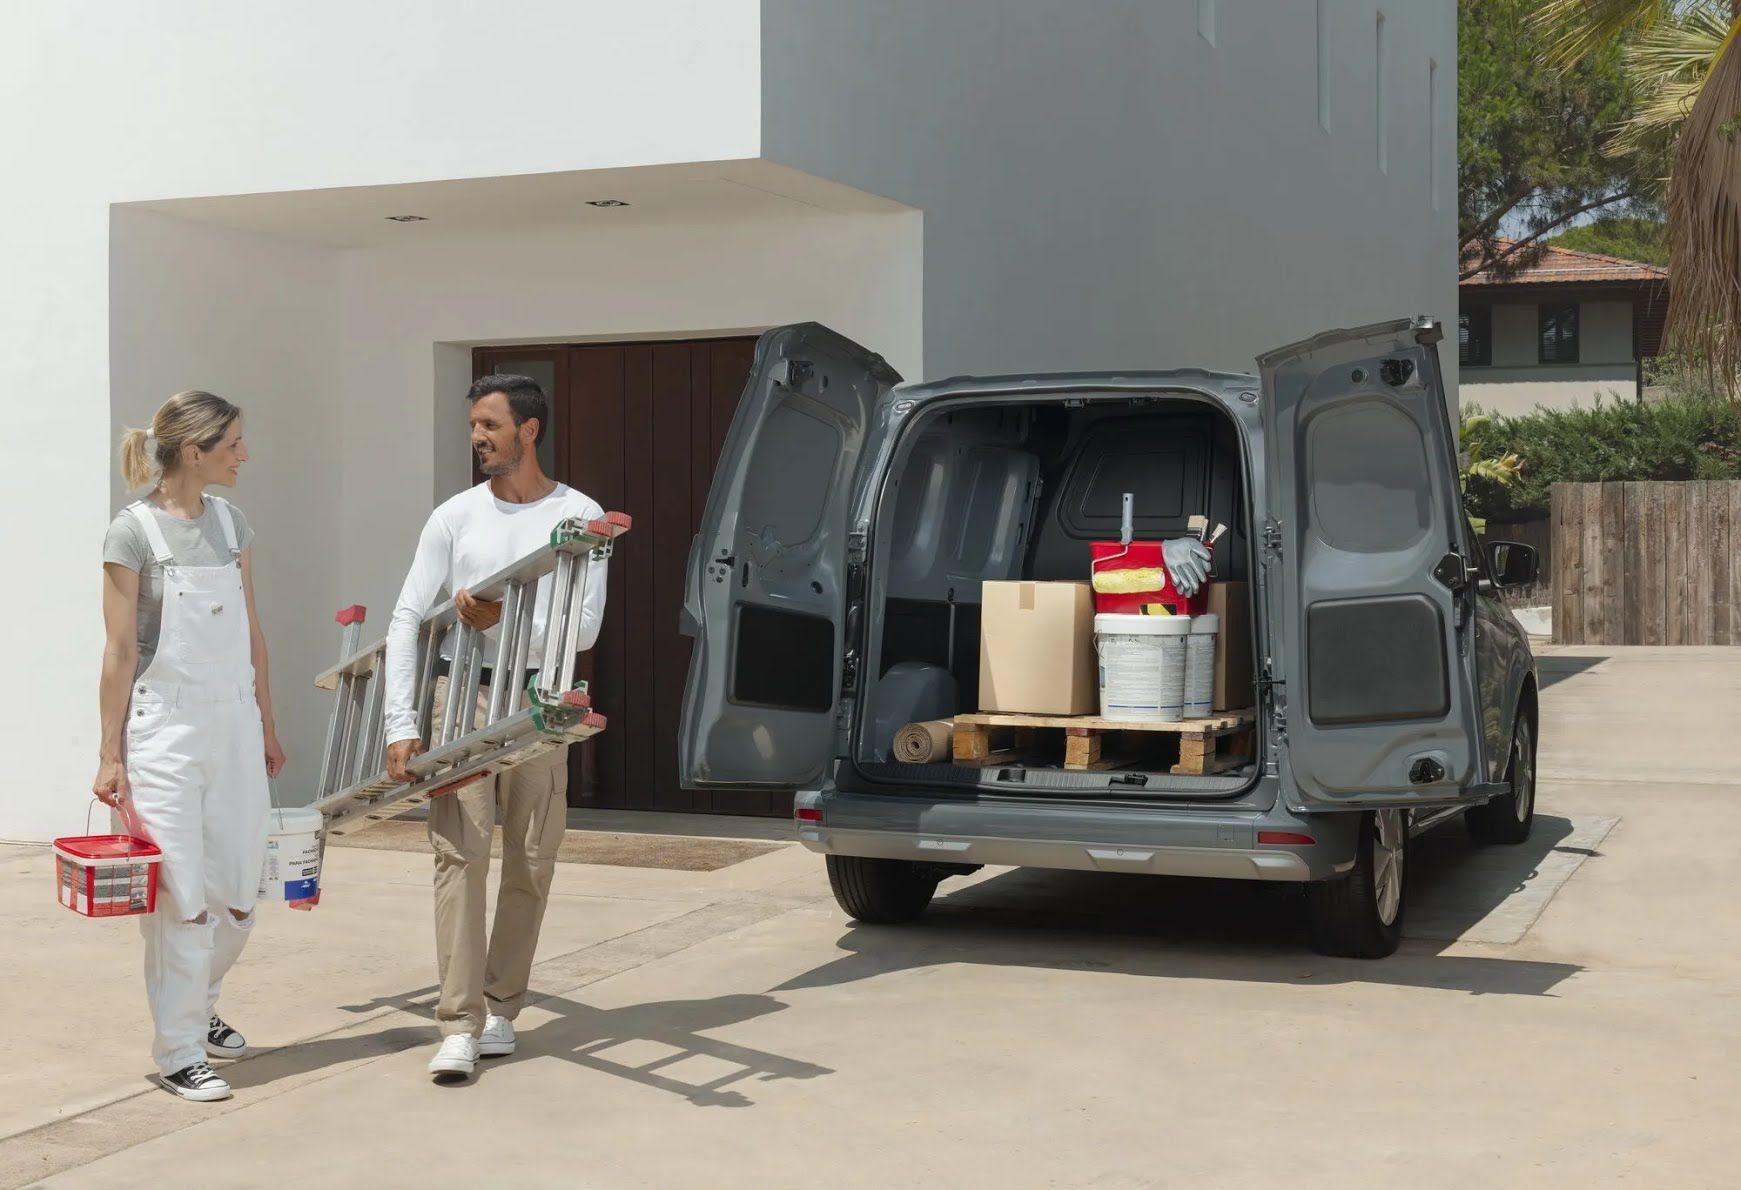 Объем багажного отделения грузовой версии достигает 3,9 м3, а грузоподъемность достигает 800 кг